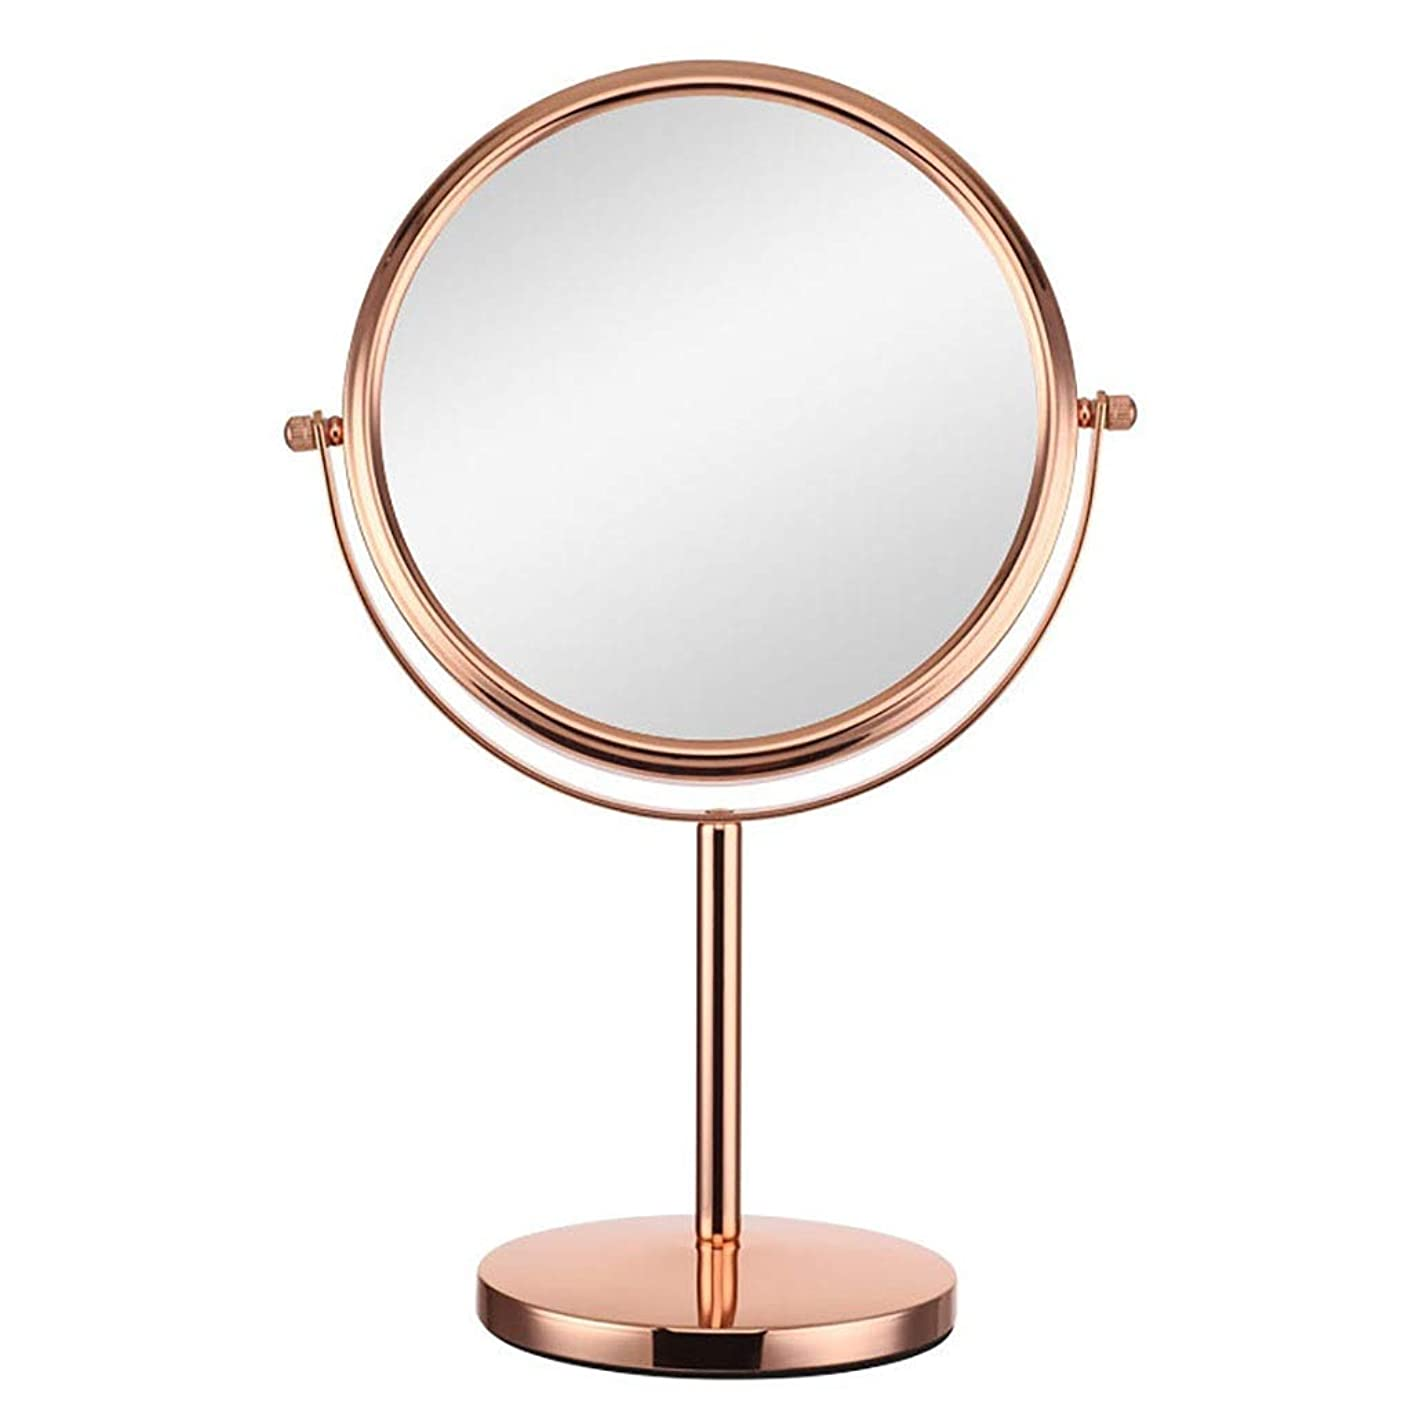 カウンタートップバニティミラー 360°回転卓上化粧鏡両面滑り止め台座スタンド付き10倍拡大化粧鏡寝室または浴室で剃る (Color : Rose gold, Size : 8 inches 10X)